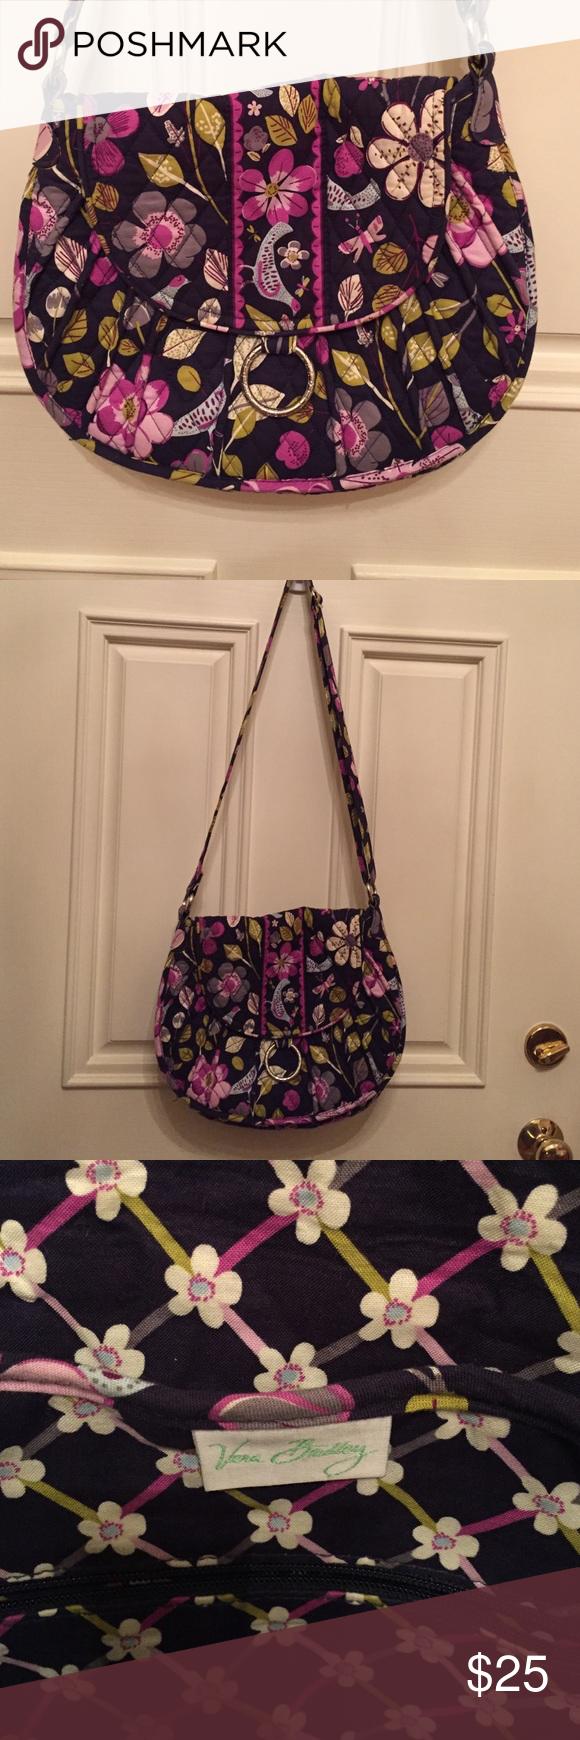 Vera Bradley Handbag EUC Floral Nightingale pattern. Adjustable strap, front flap, 2 big pockets under flap, 3 slip pockets inside with zipper pocket on other side. Vera Bradley Bags Shoulder Bags